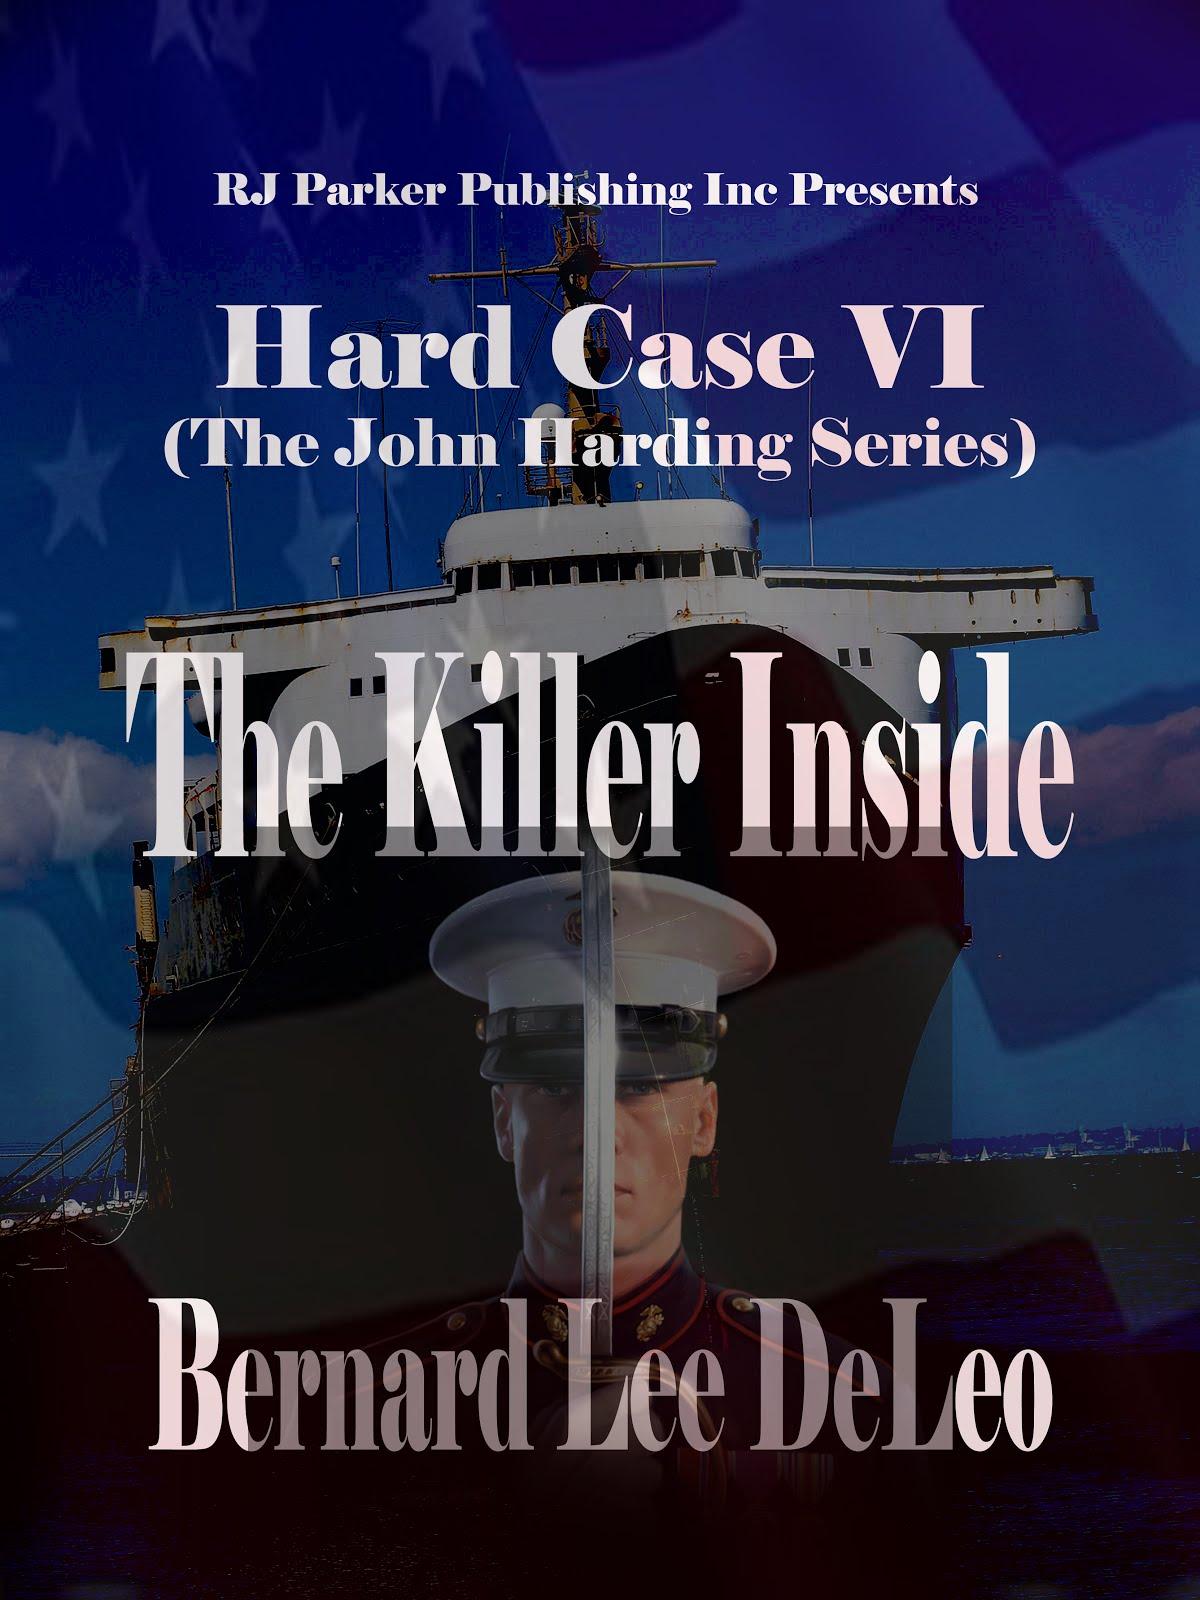 John Harding Series